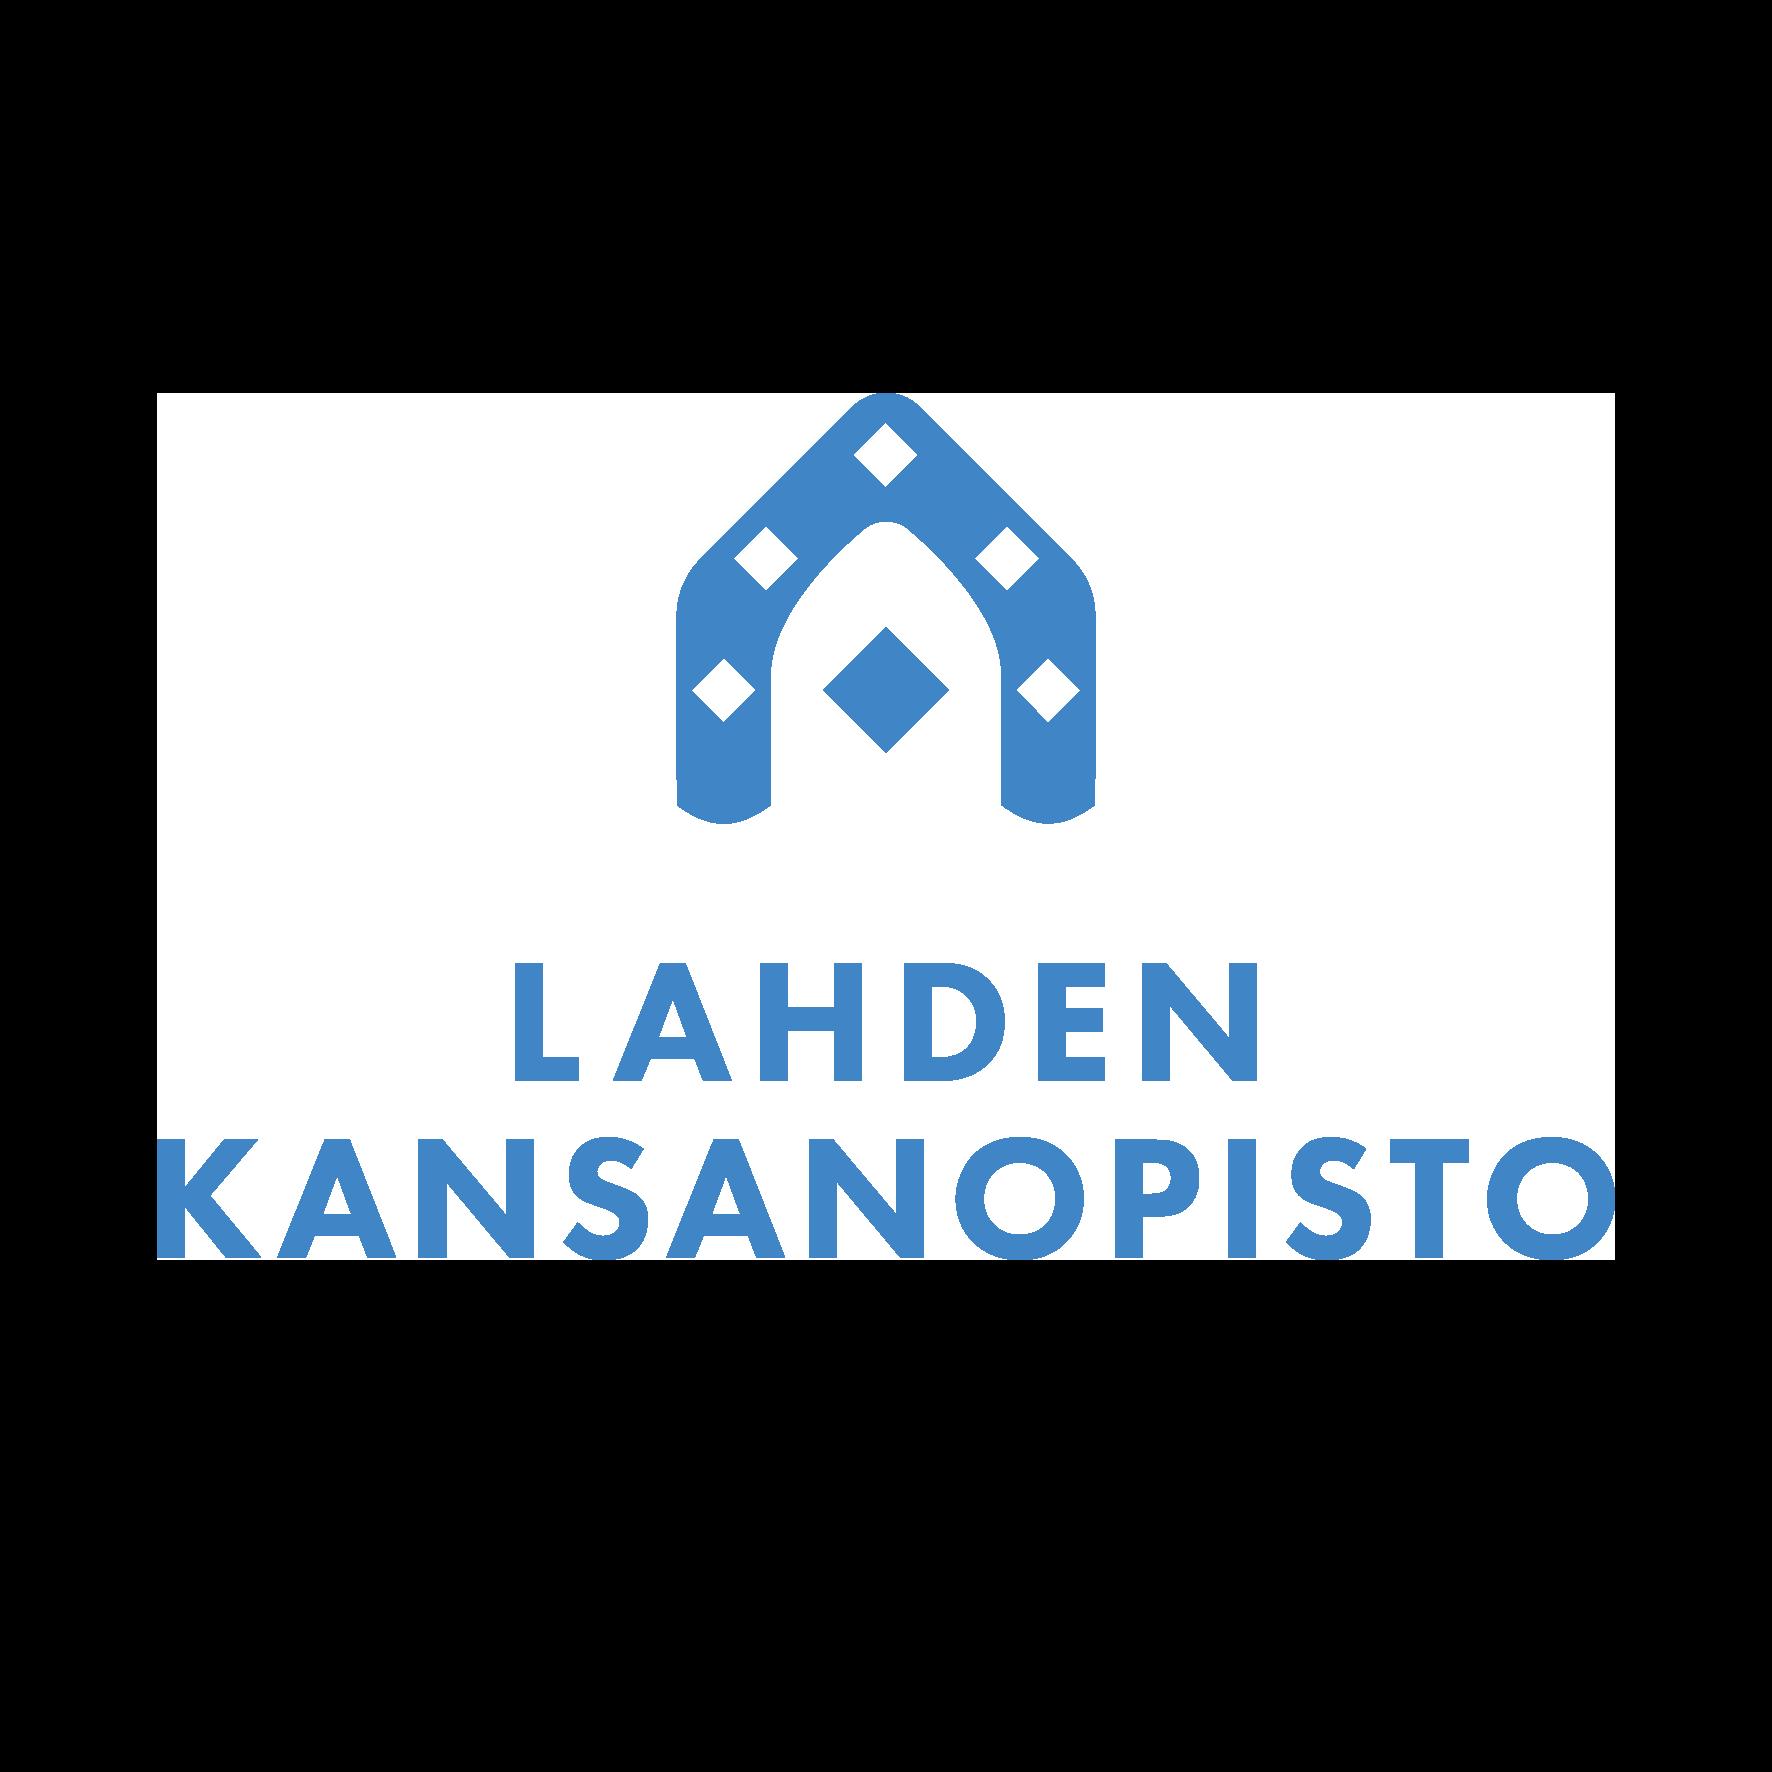 Logo: Lahden kansanopisto